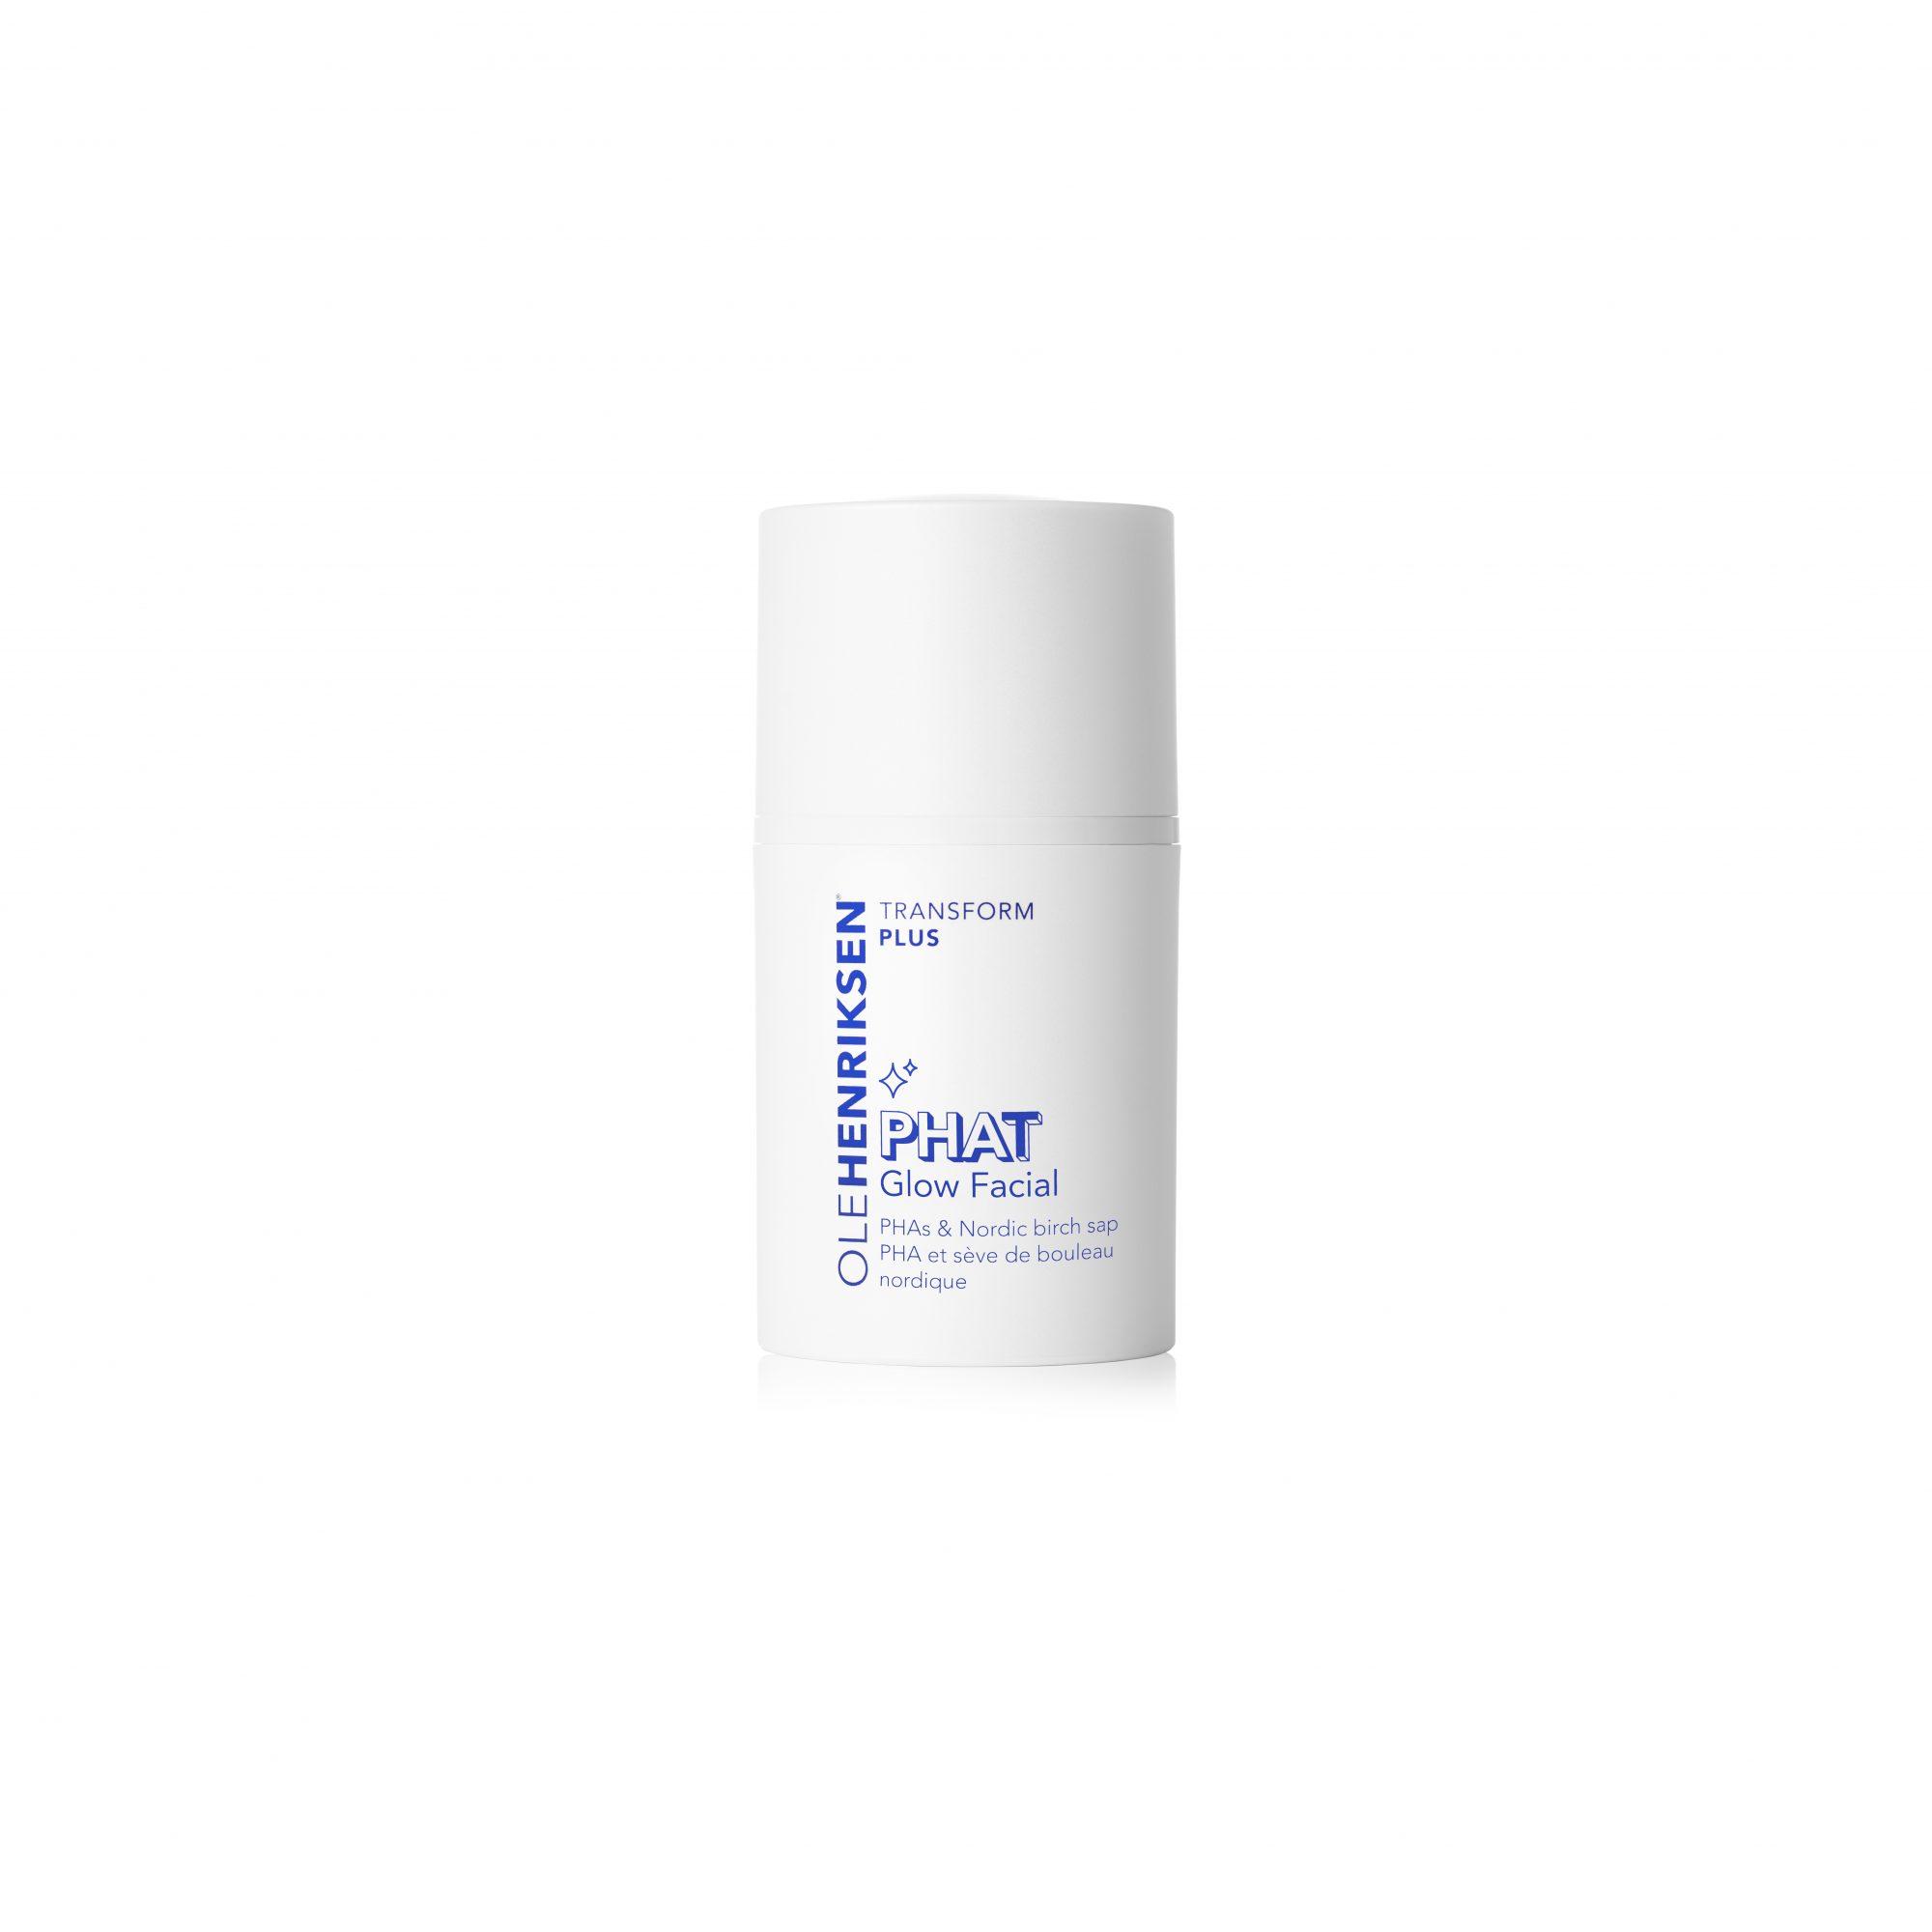 Star products cuidado piel